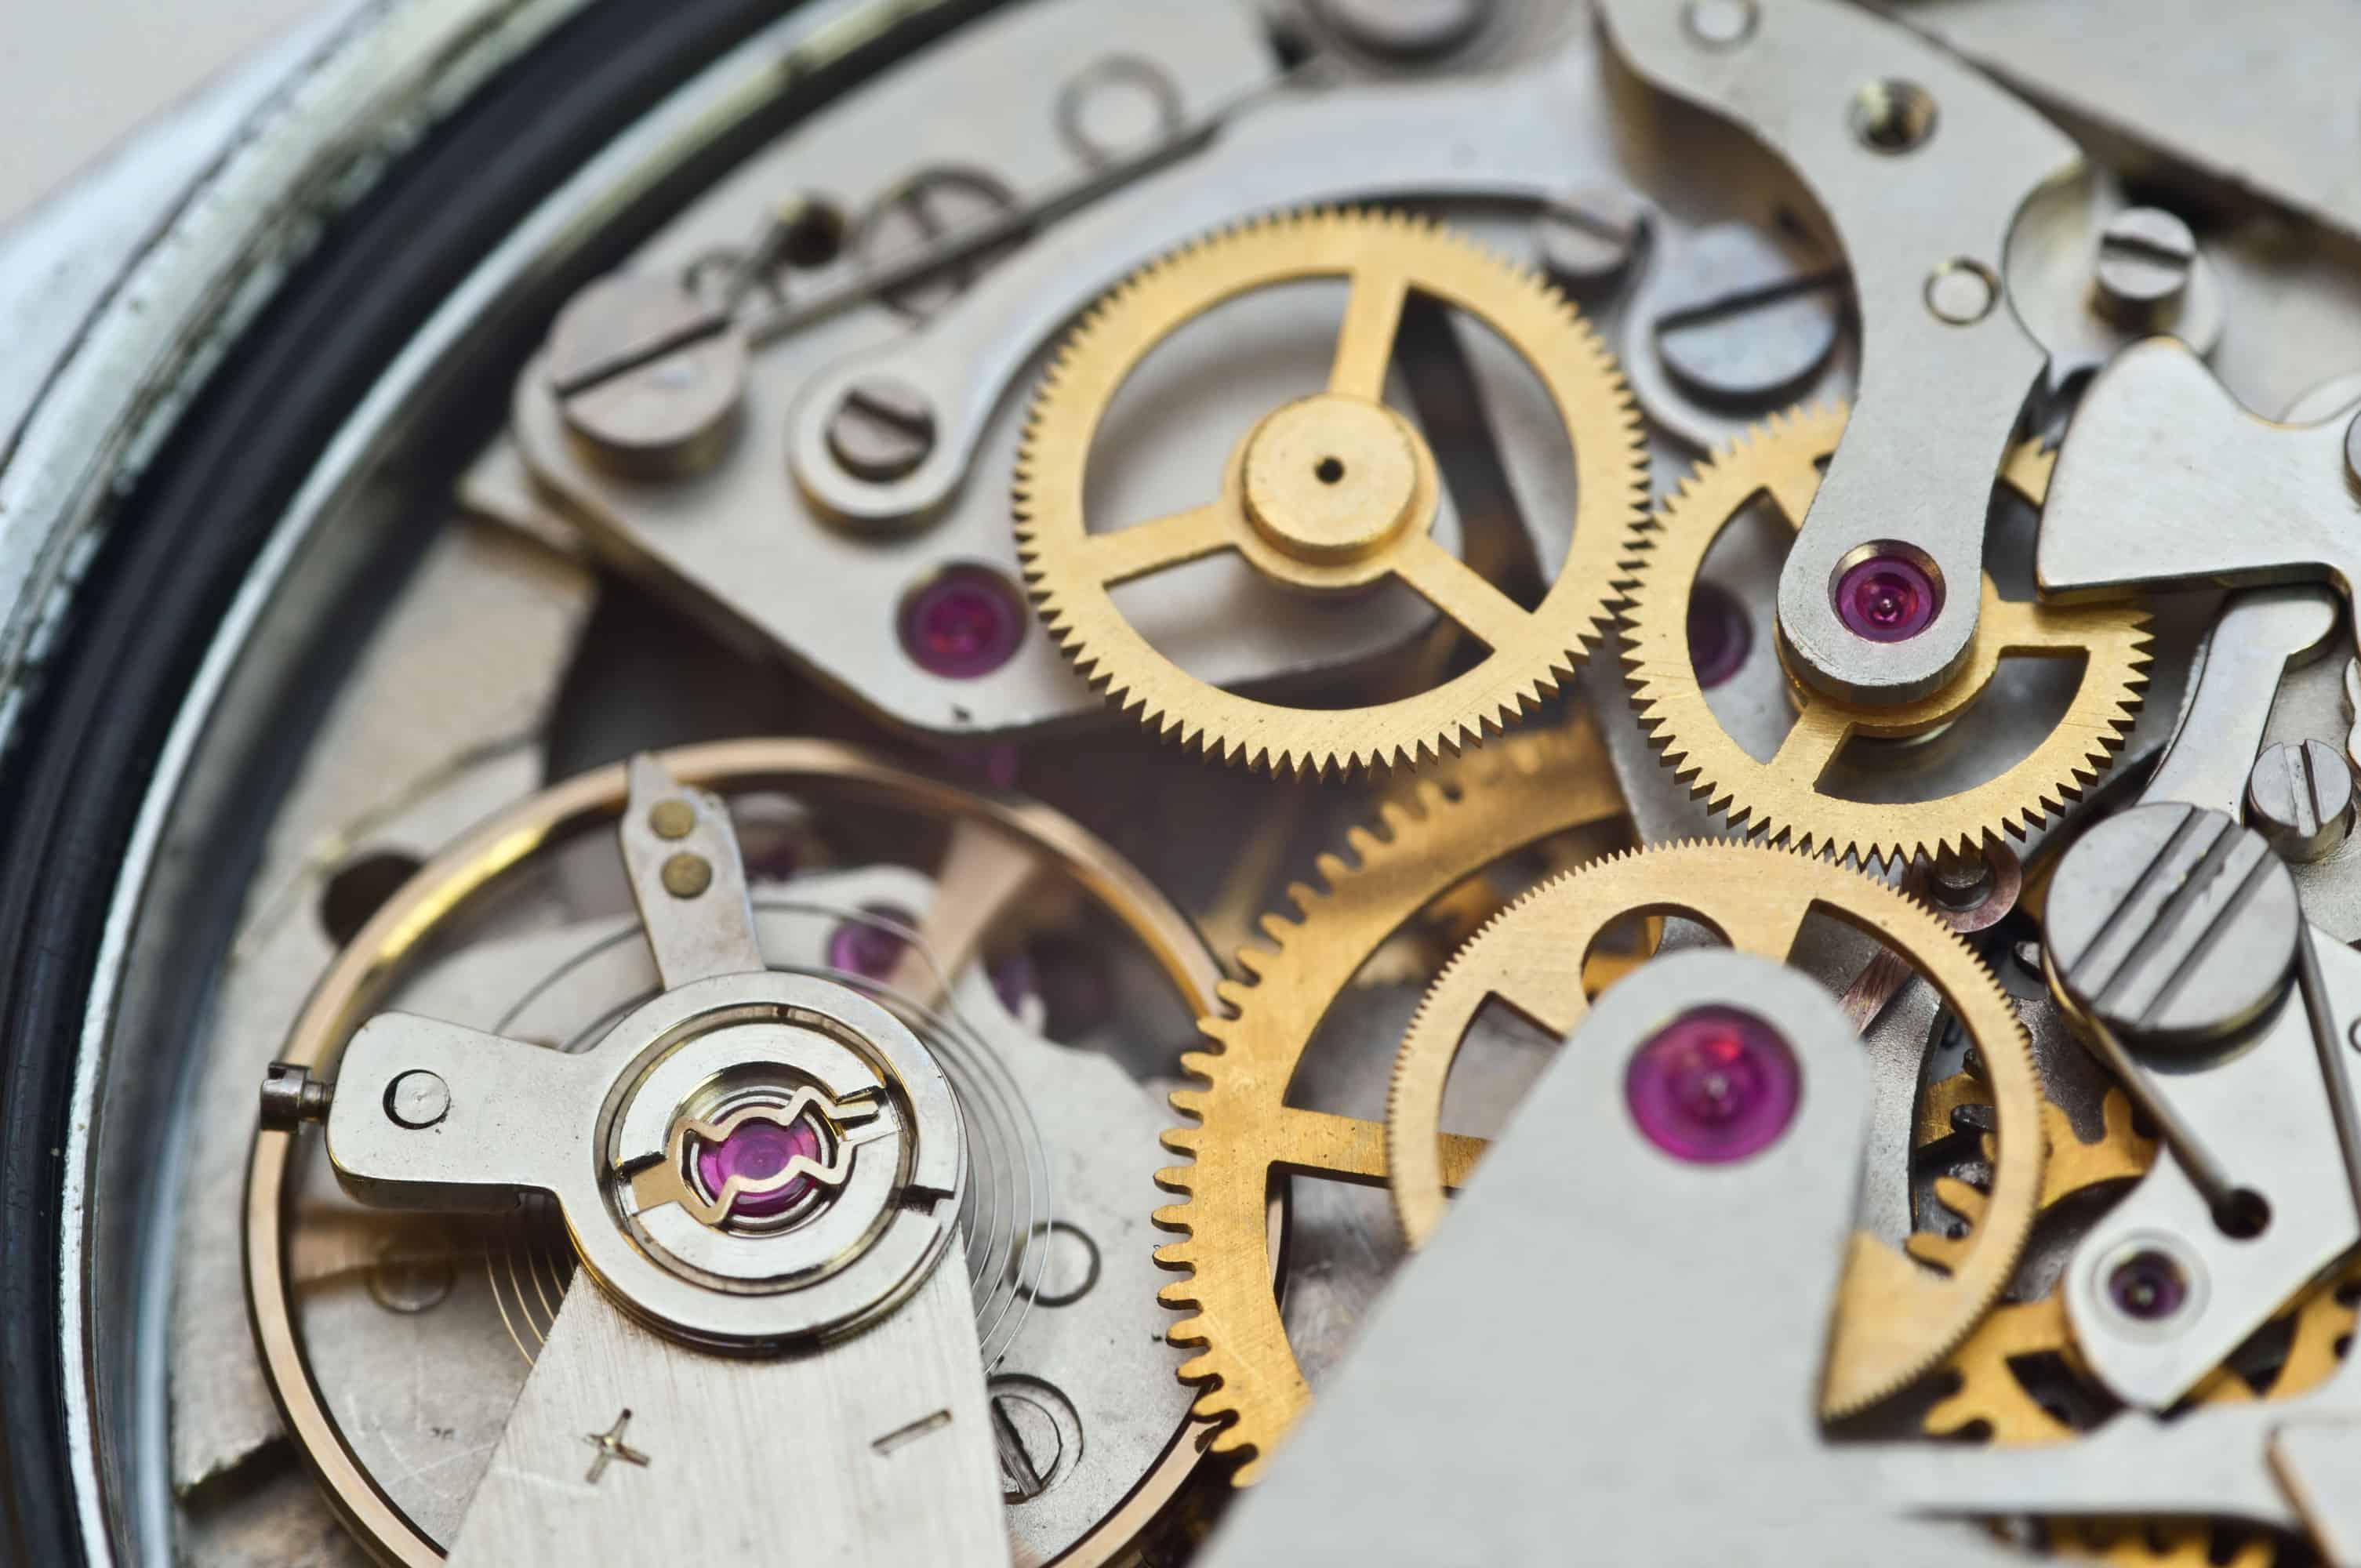 Uhrwerk als beispielhafte Darstellung der OKR-Methodik